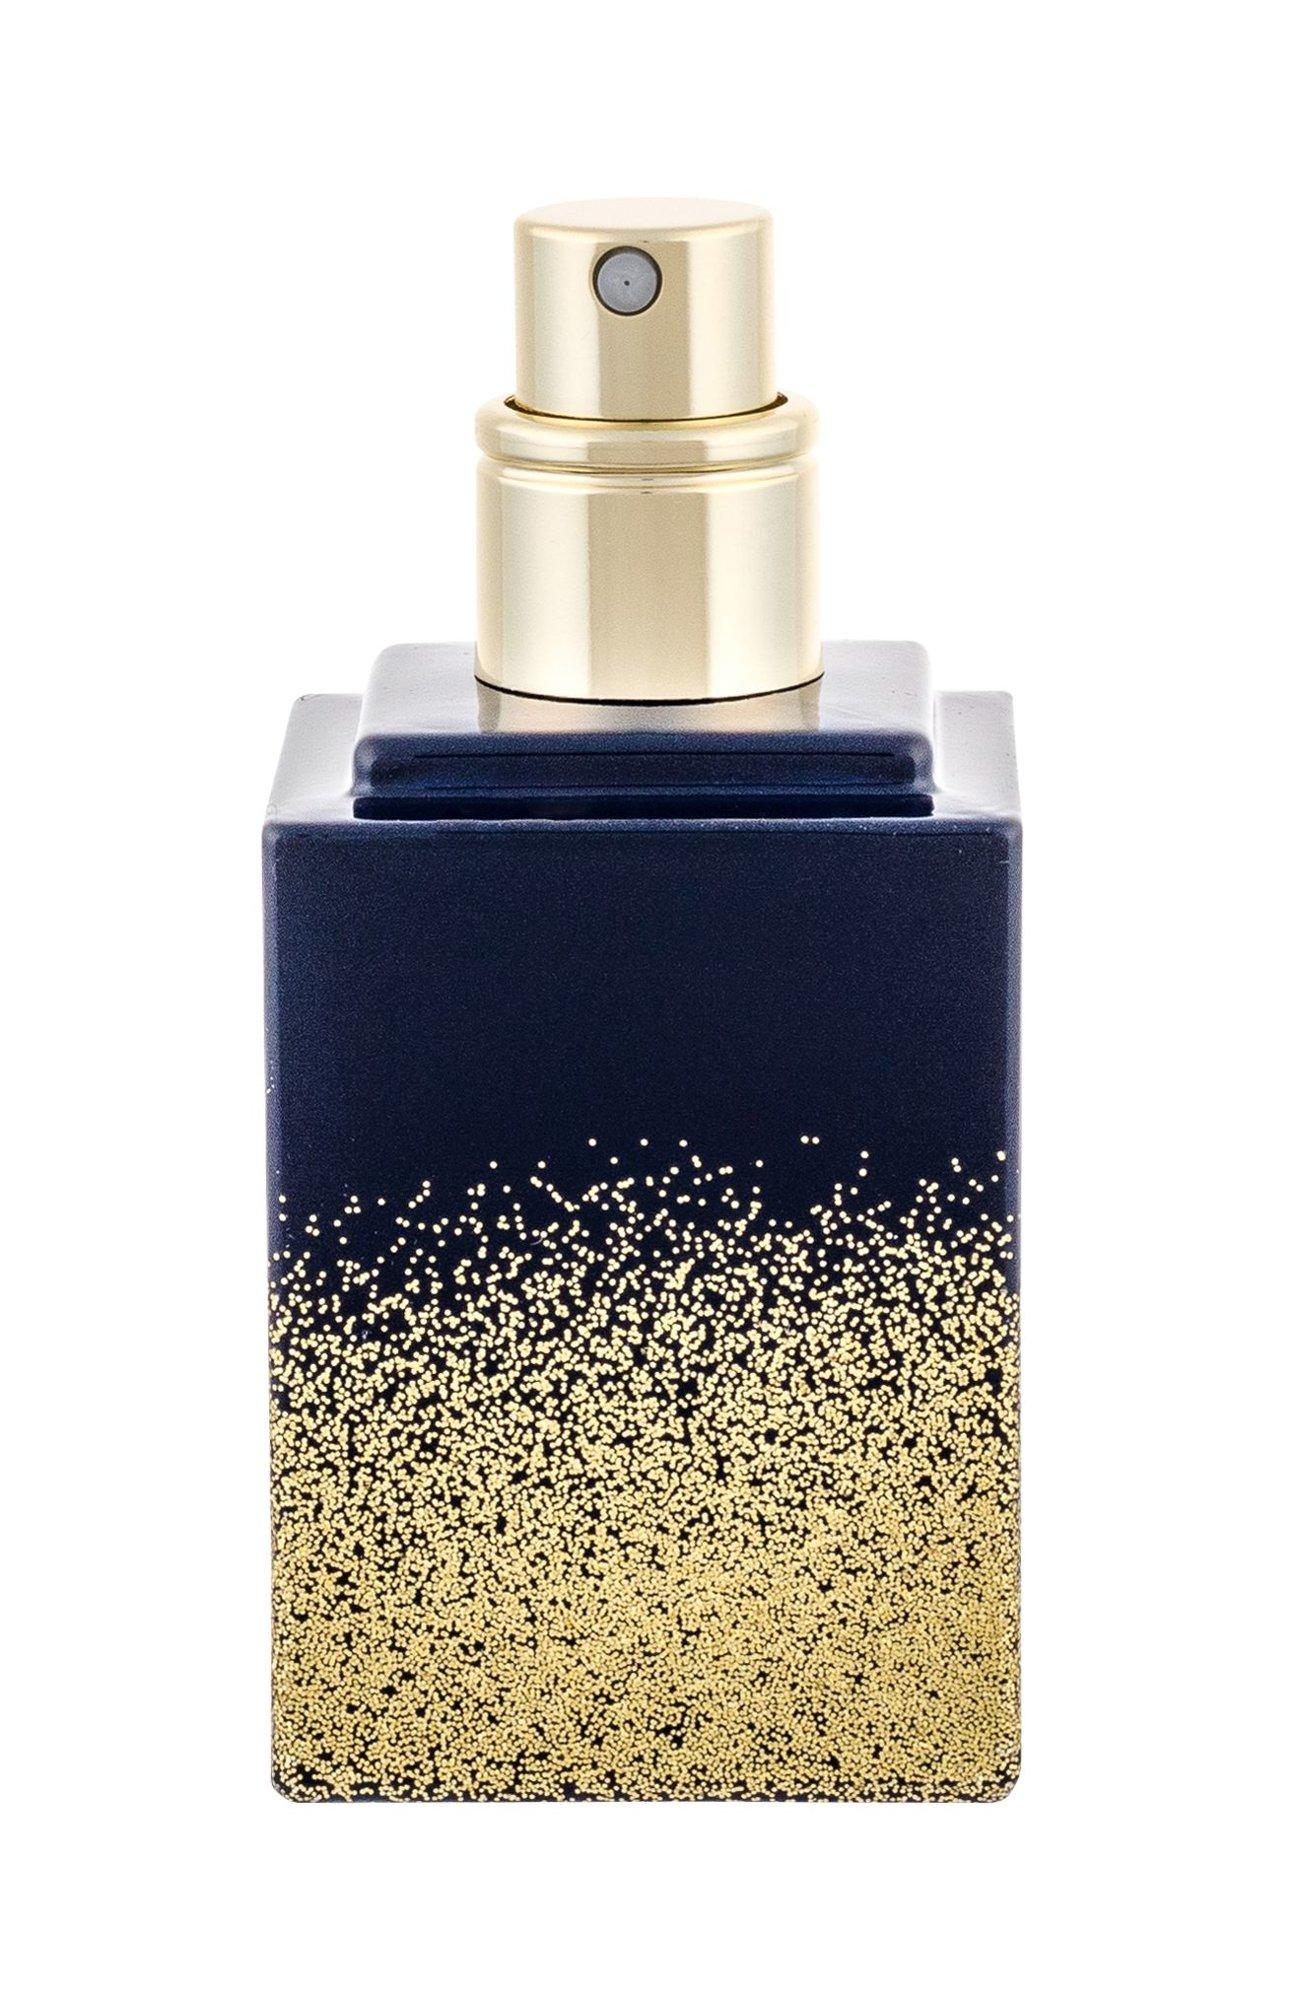 Michael Kors Midnight Shimmer Eau de Parfum 30ml